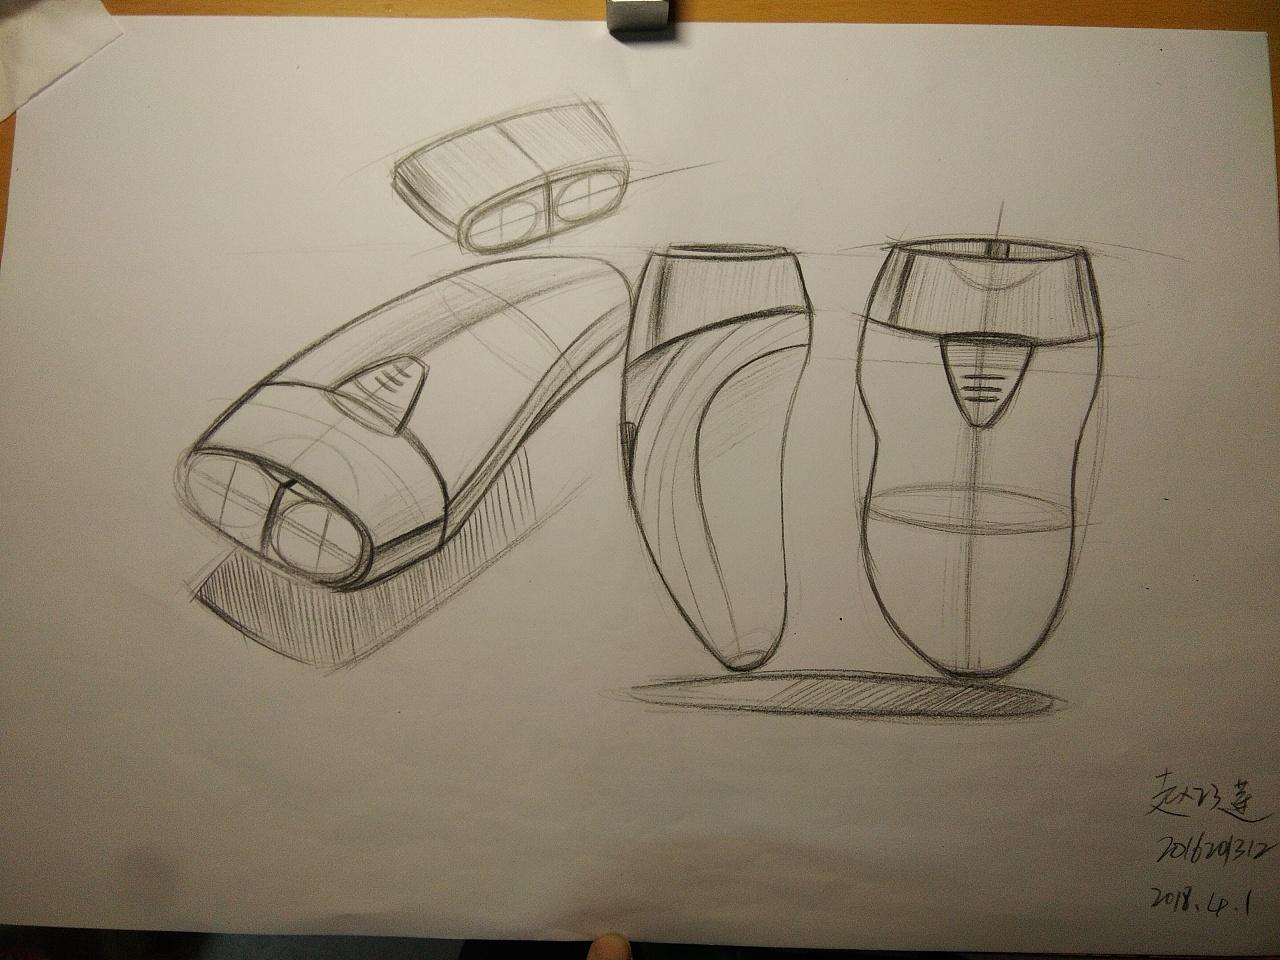 工业设计产品手绘临摹图